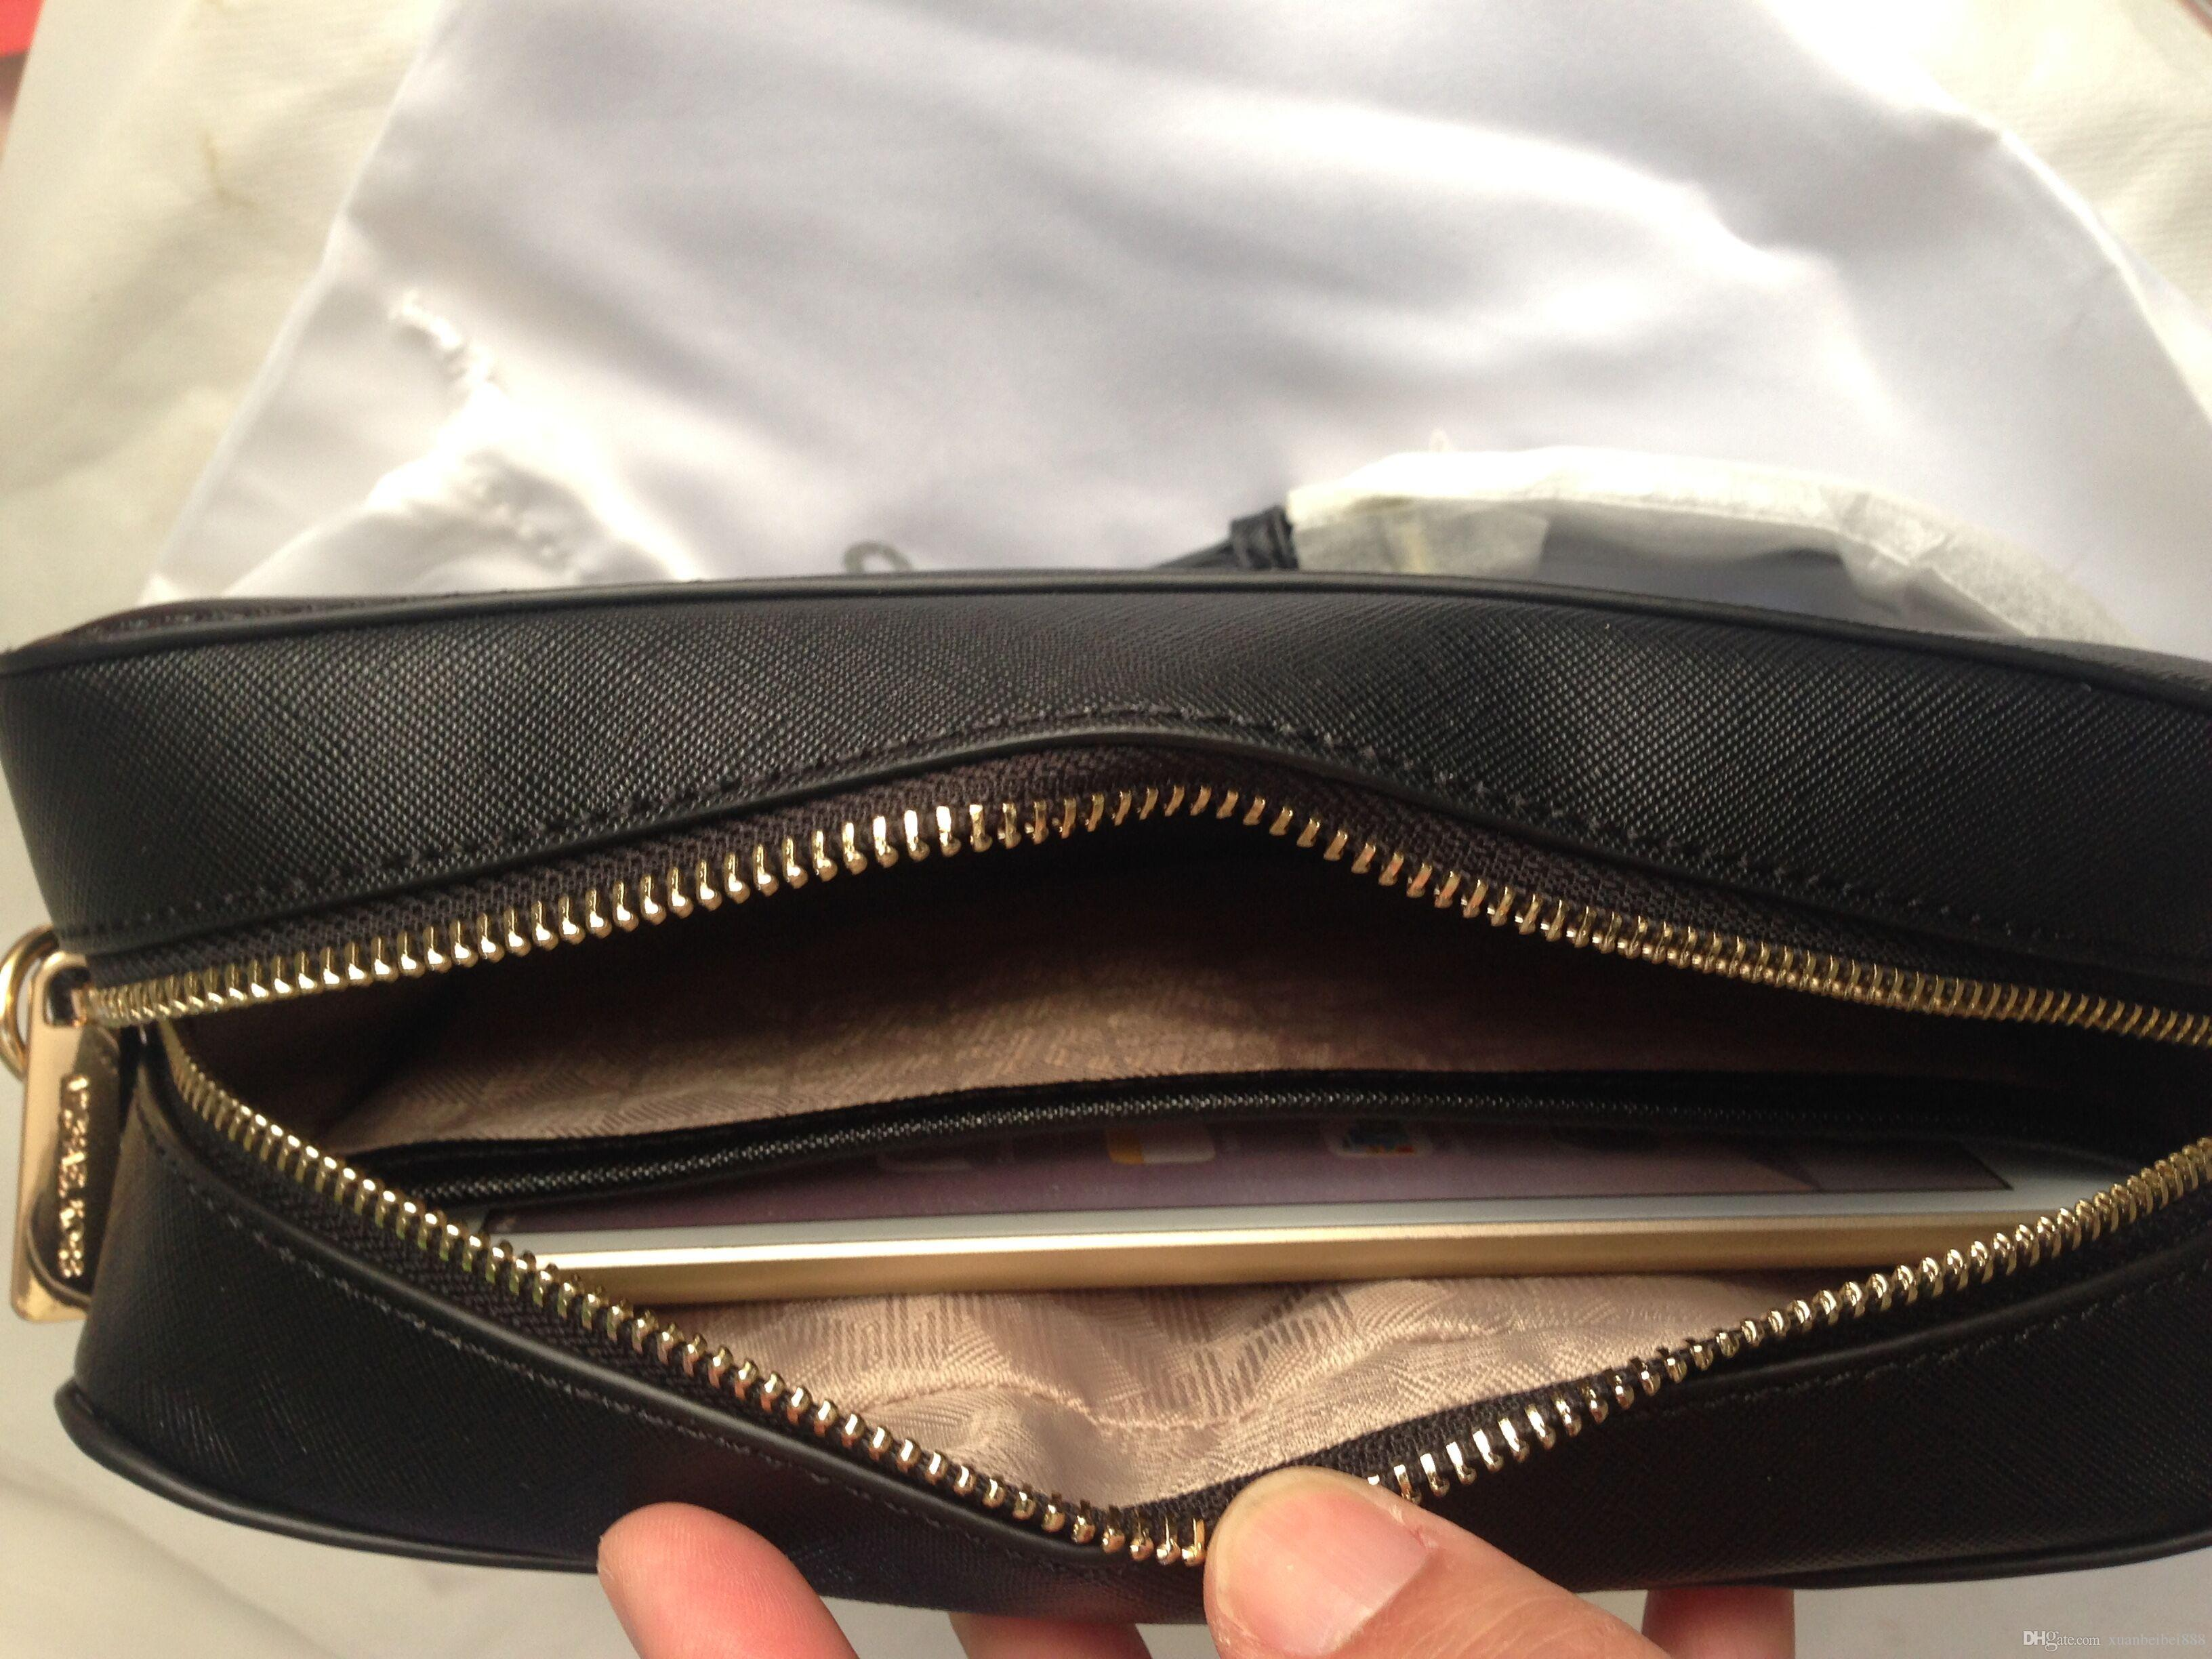 Moda erkekler Çanta 2018 Bayanlar çanta çanta tasarımcısı kadın tote çanta lüks markalar G çanta Tek omuz çantası 7 renk